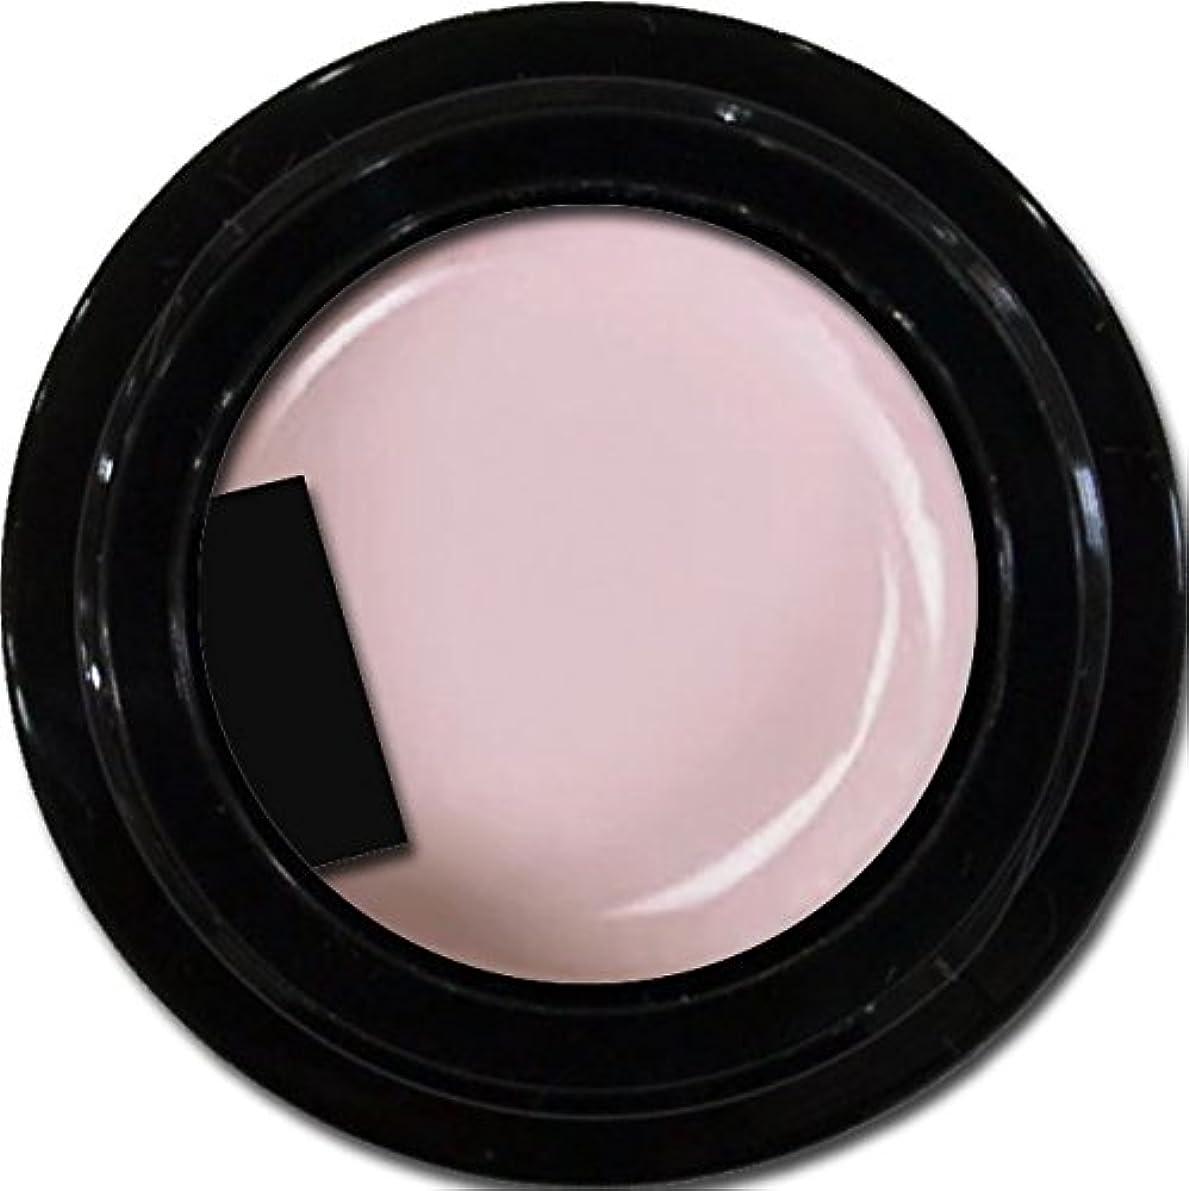 追加問い合わせる組み合わせるカラージェル enchant color gel M206 SweetPinkk 3g/ マットカラージェル M206 スウィートピンク 3グラム